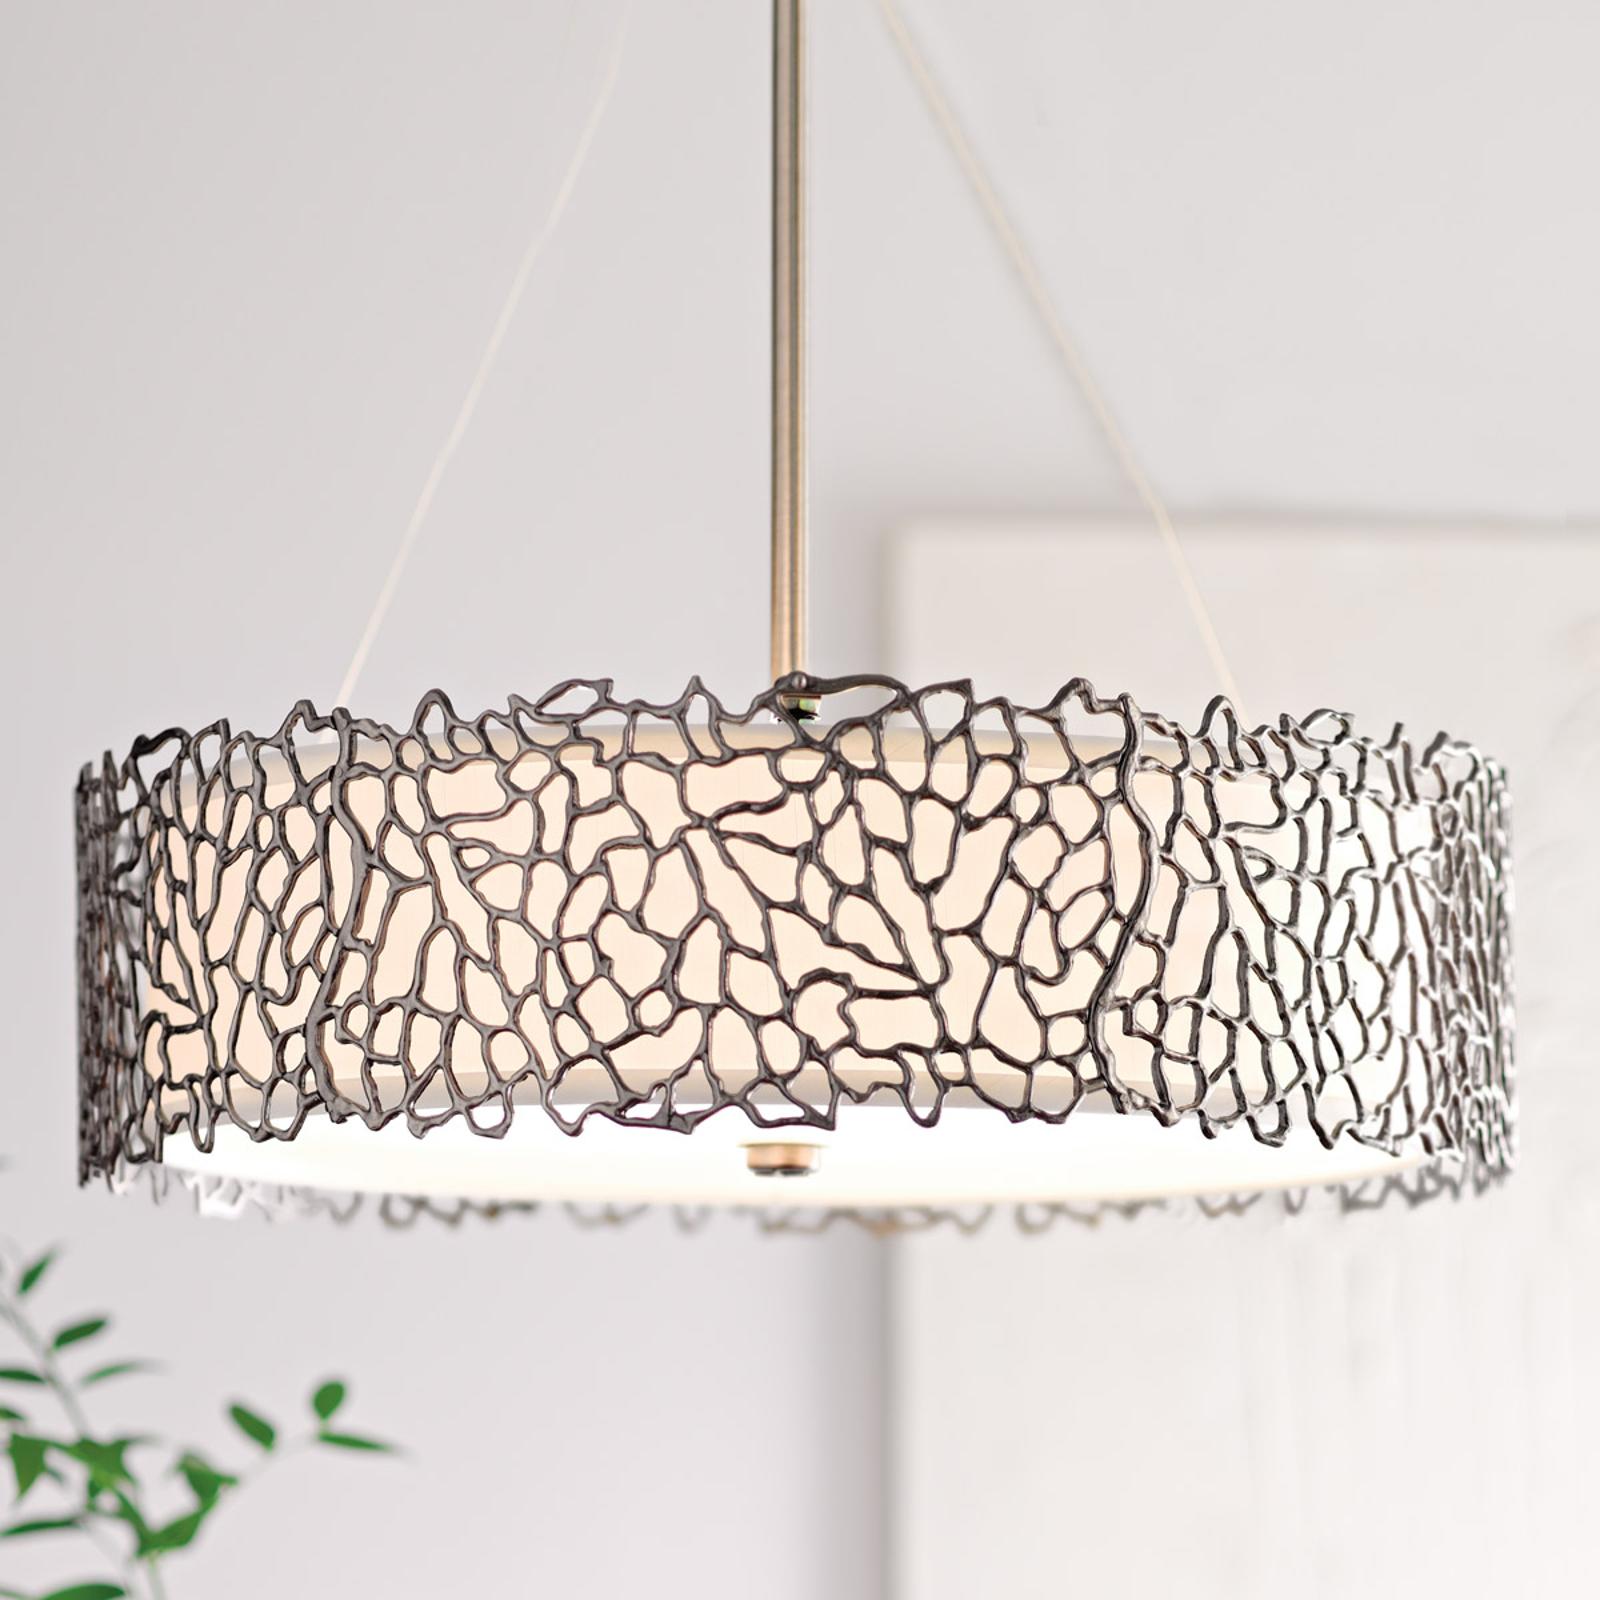 Suspension Silver Coral 55,9cm